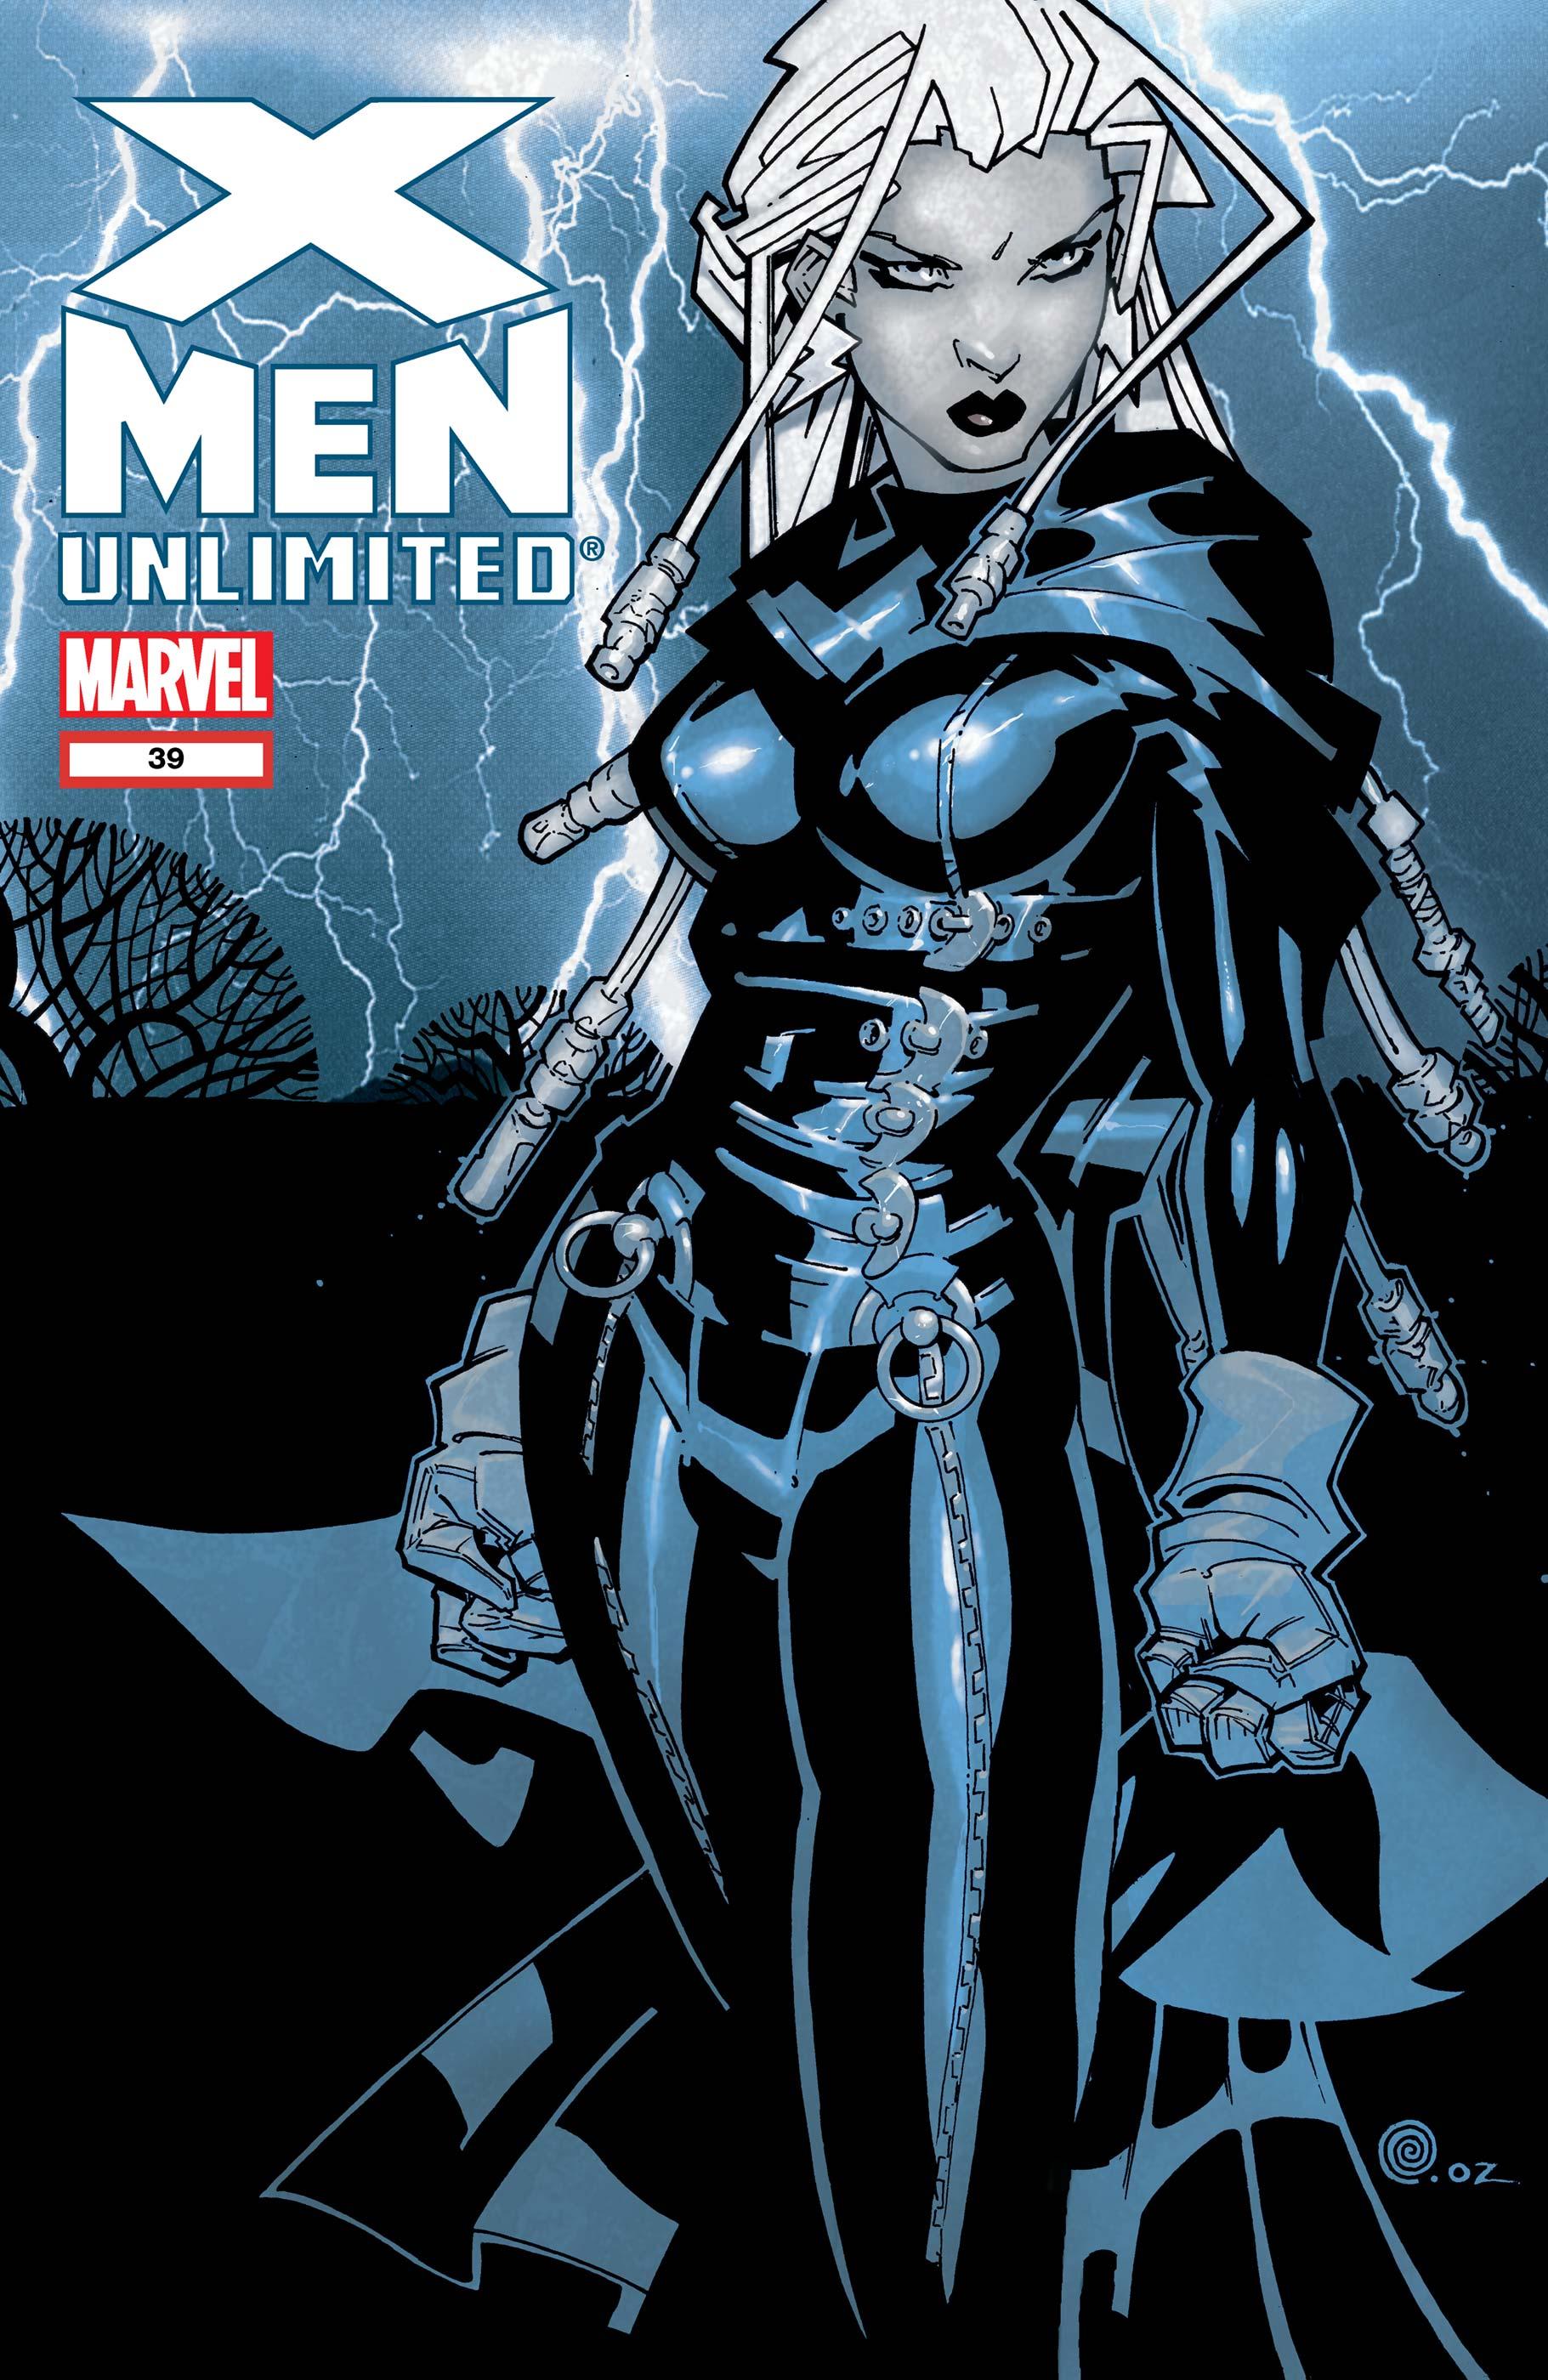 X-Men Unlimited Vol 1 39